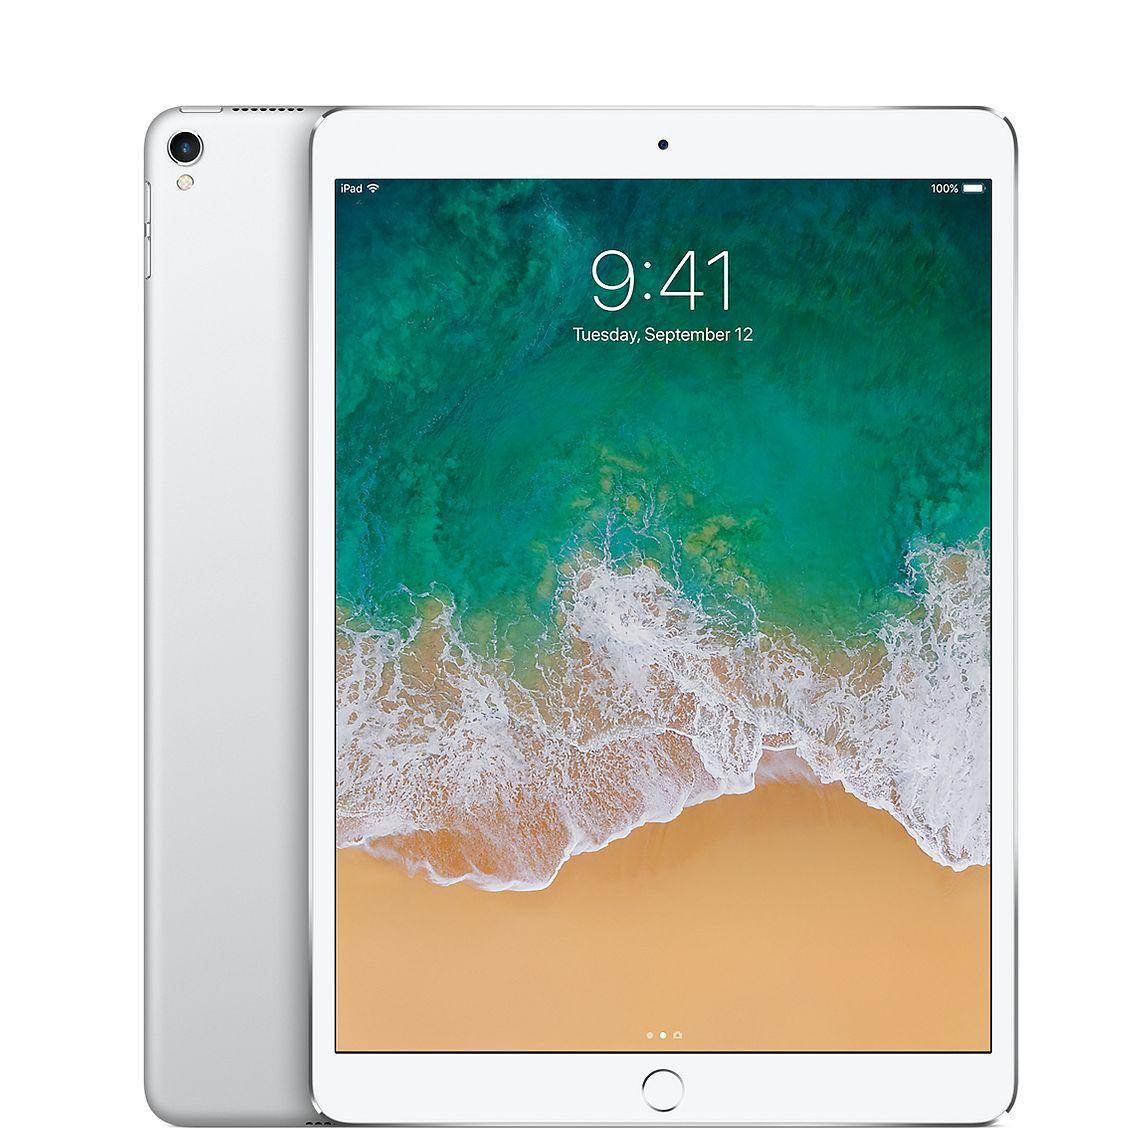 iPad Pro 10.5 (2017) - Pro 10.5 (2017)